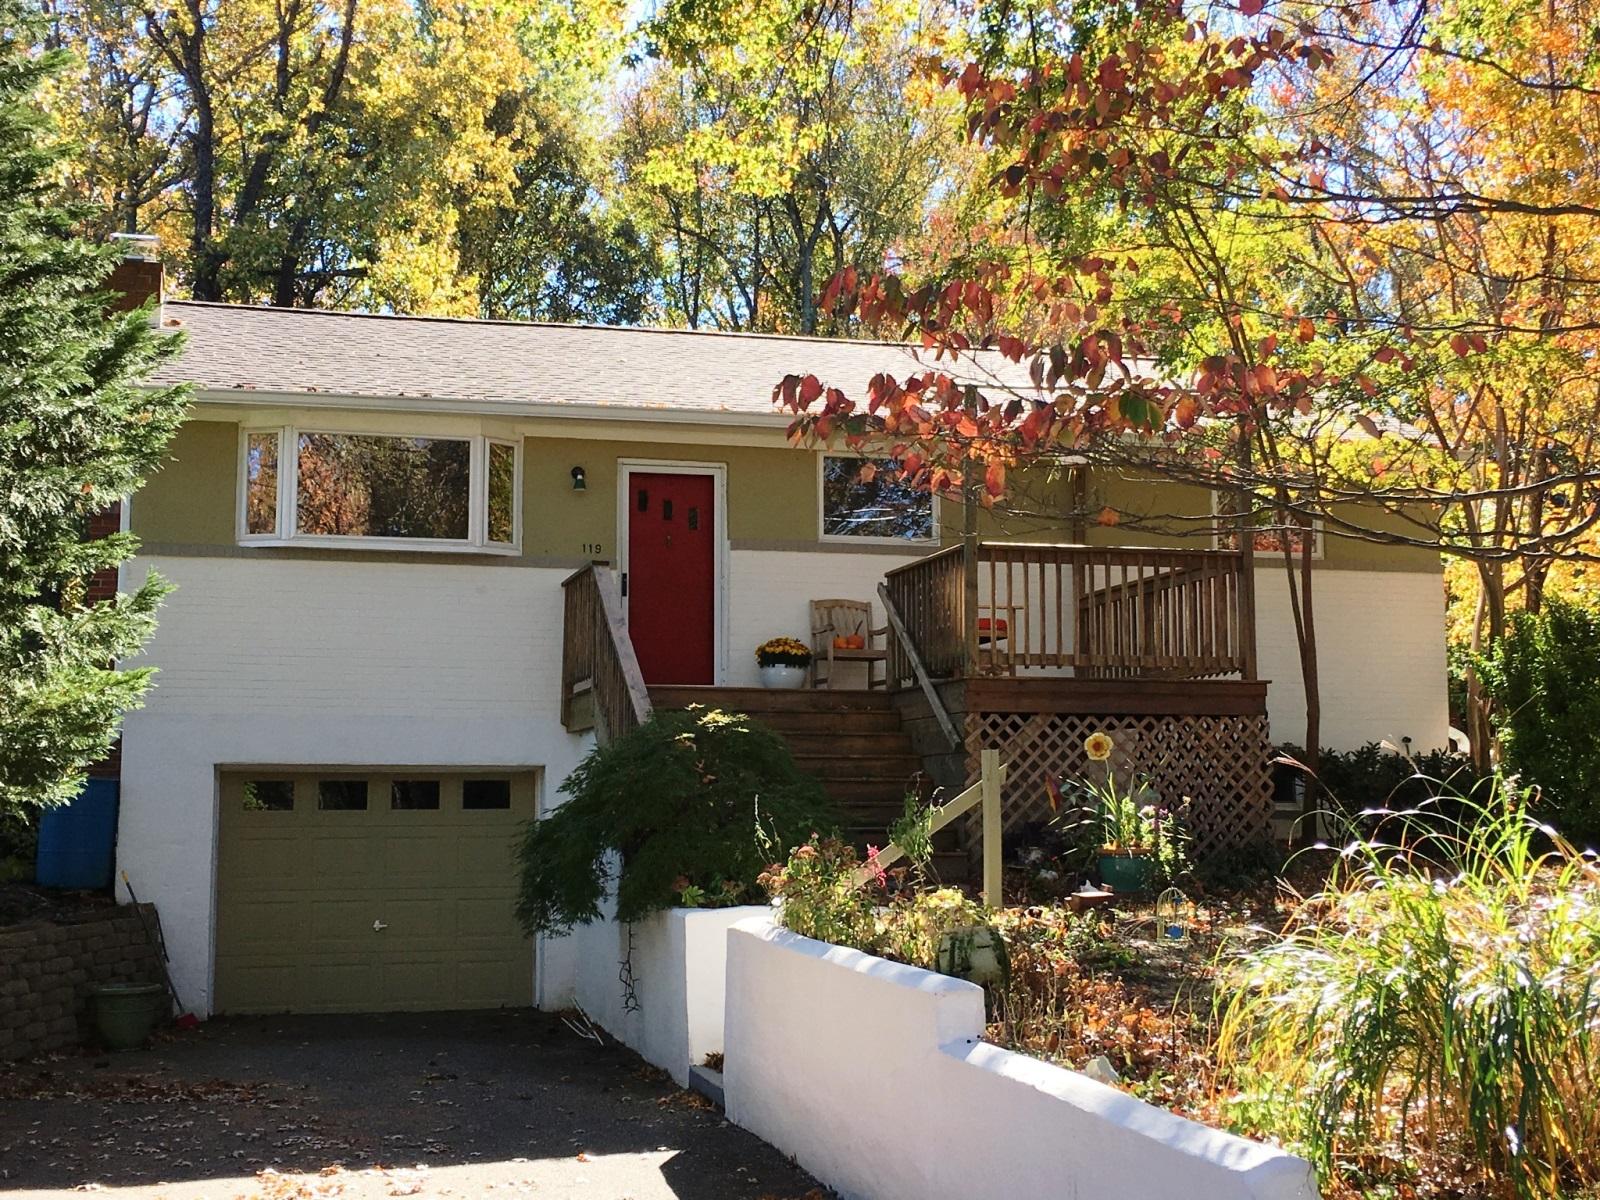 Casa Unifamiliar por un Venta en 119 Meade Drive, Annapolis Annapolis, Maryland, 21403 Estados Unidos